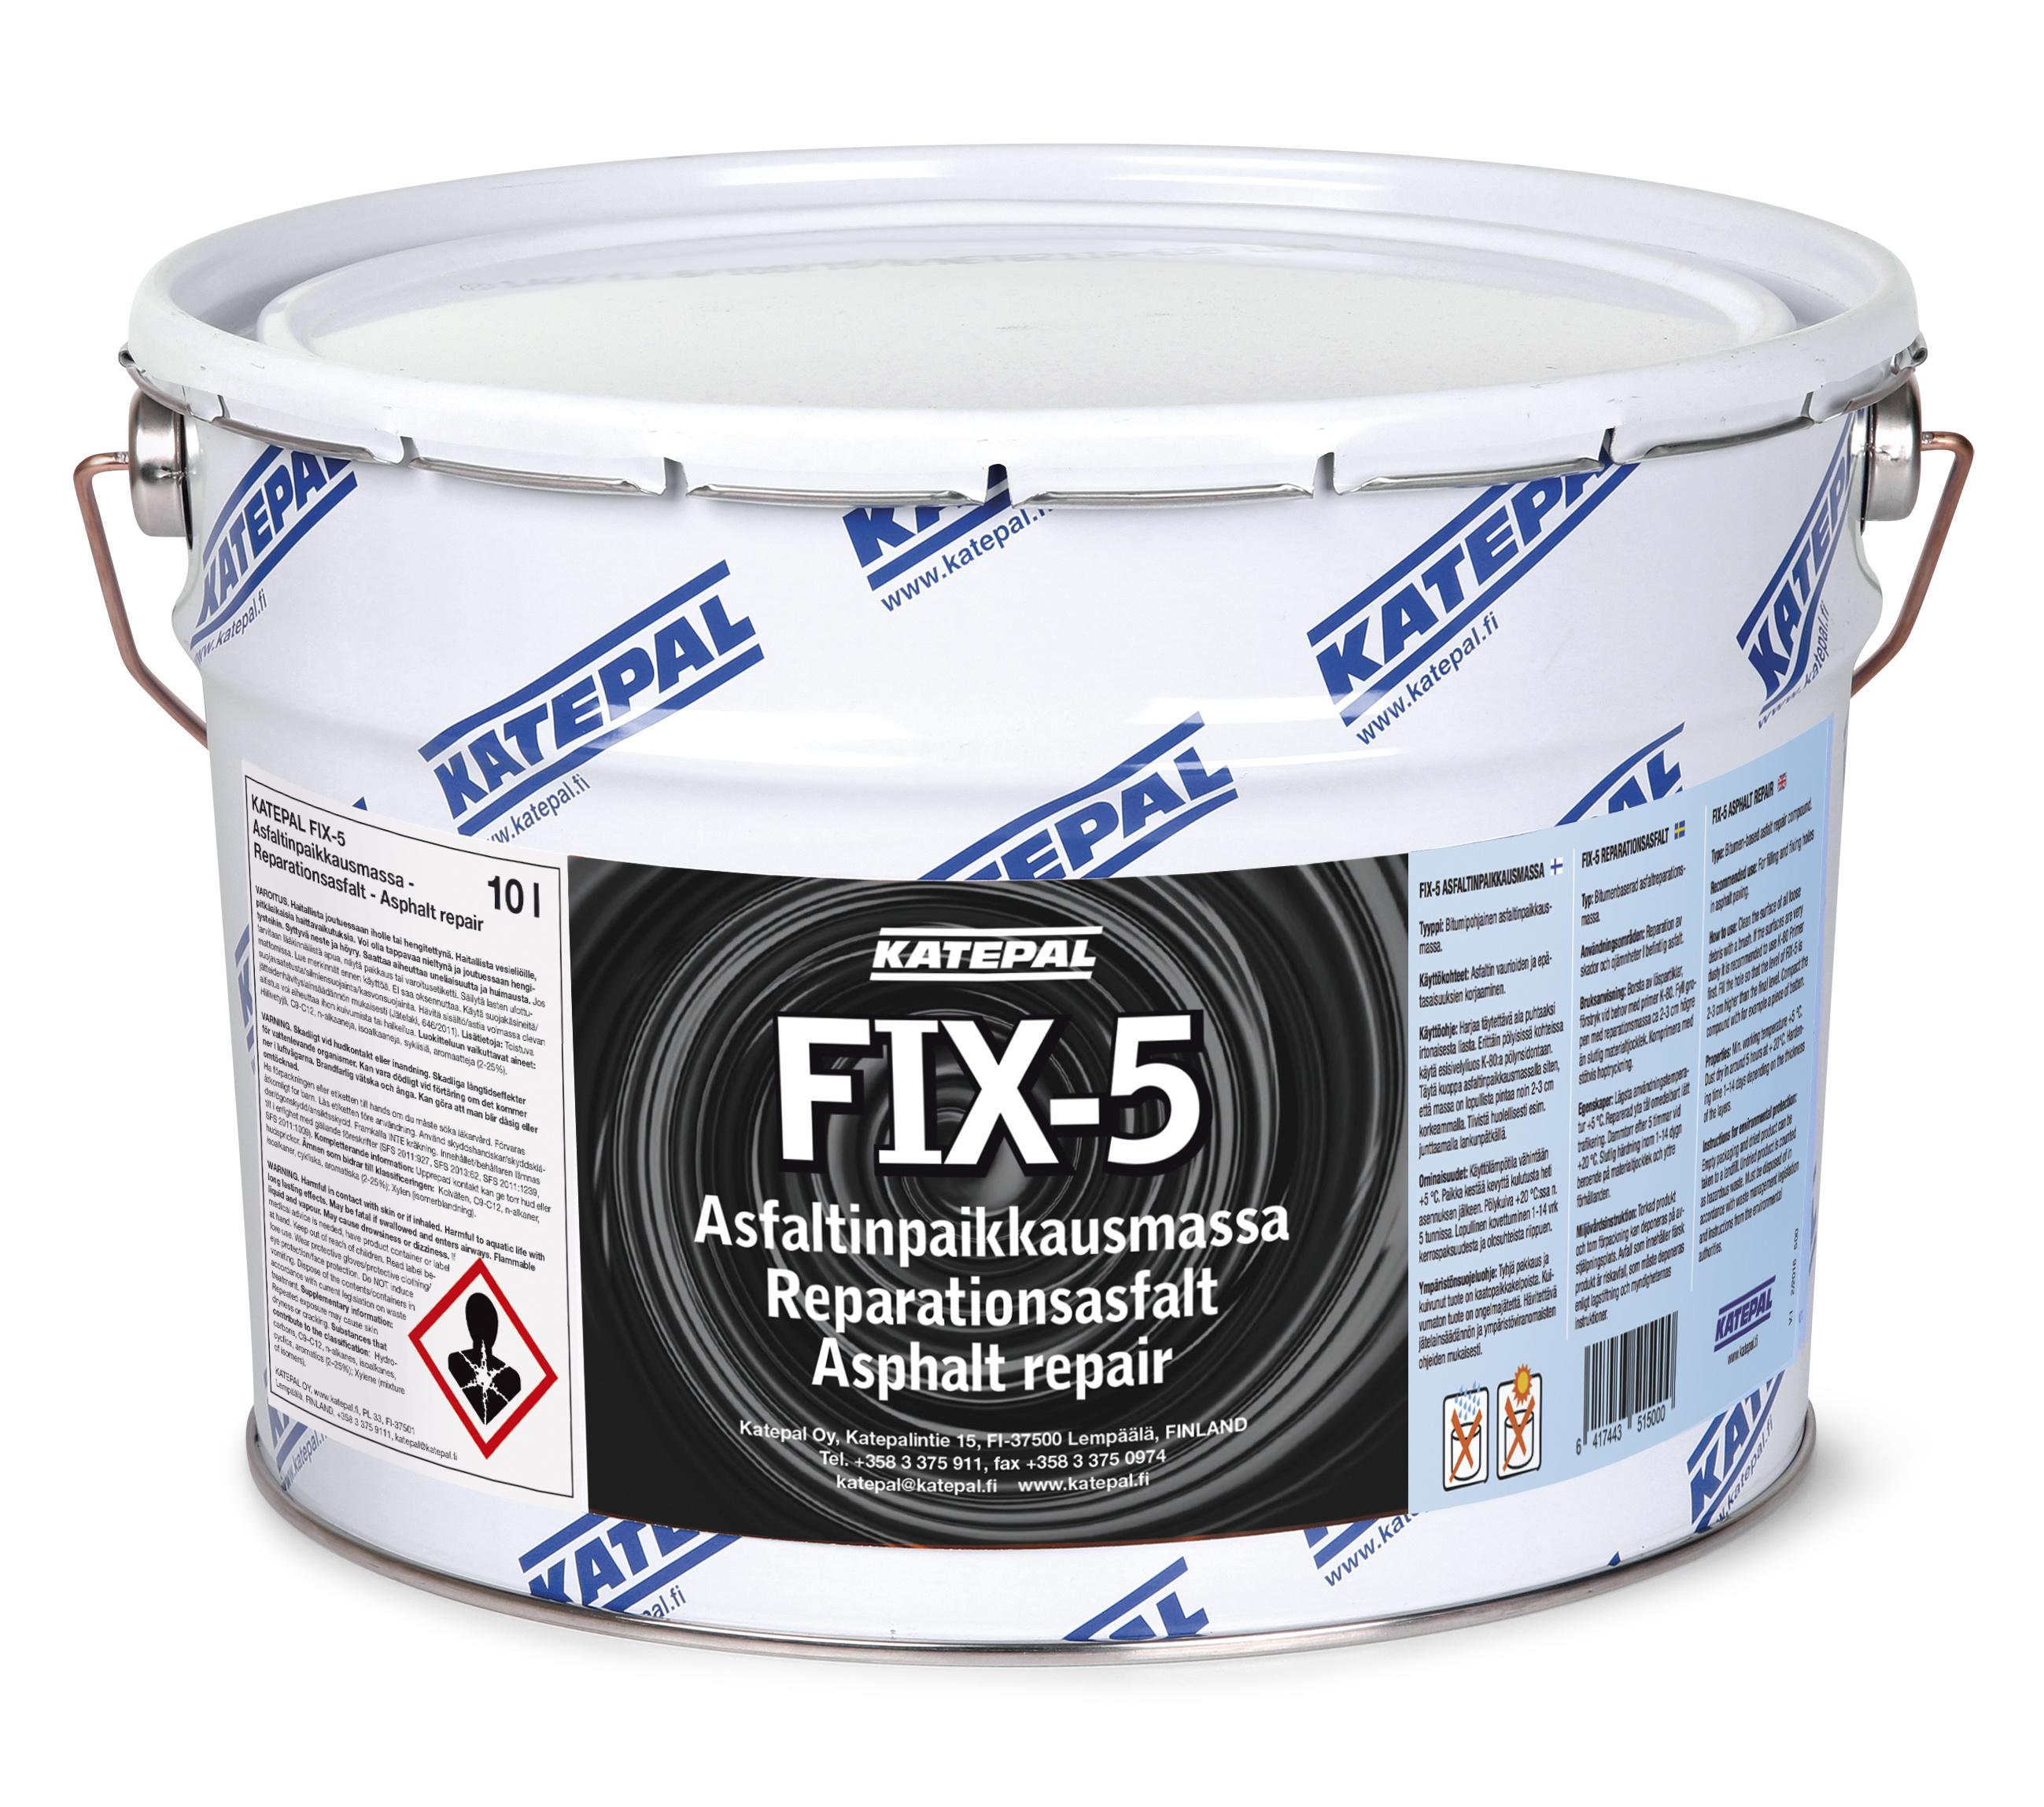 FIX-5 Asfaltinpaikkausmassa 0